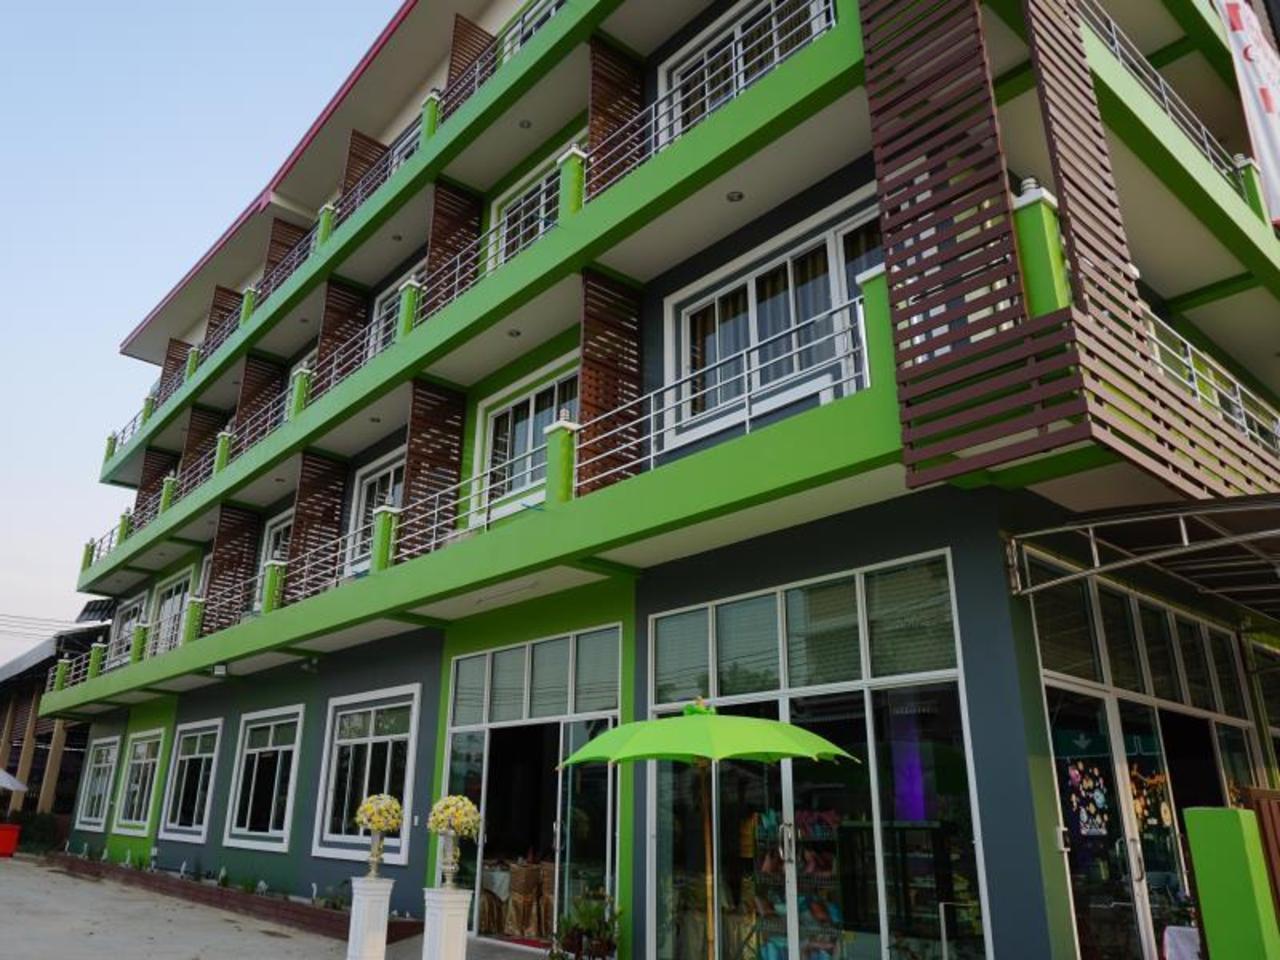 กรีน วิว เพลส (Green View Place)